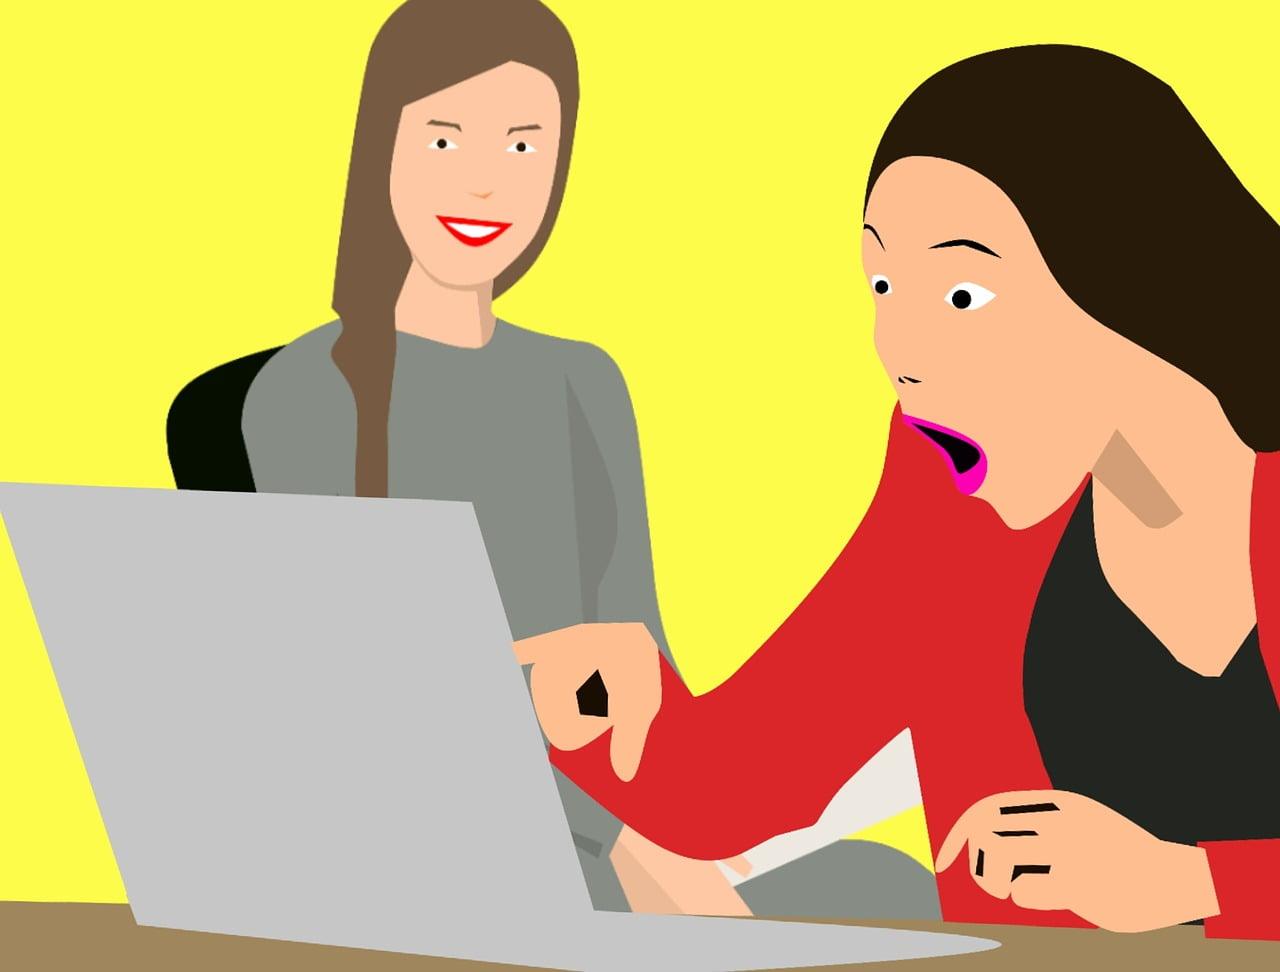 terfi etmek, Manşet, laszlo bock, iş hayatında kadınlar, iş hayatı